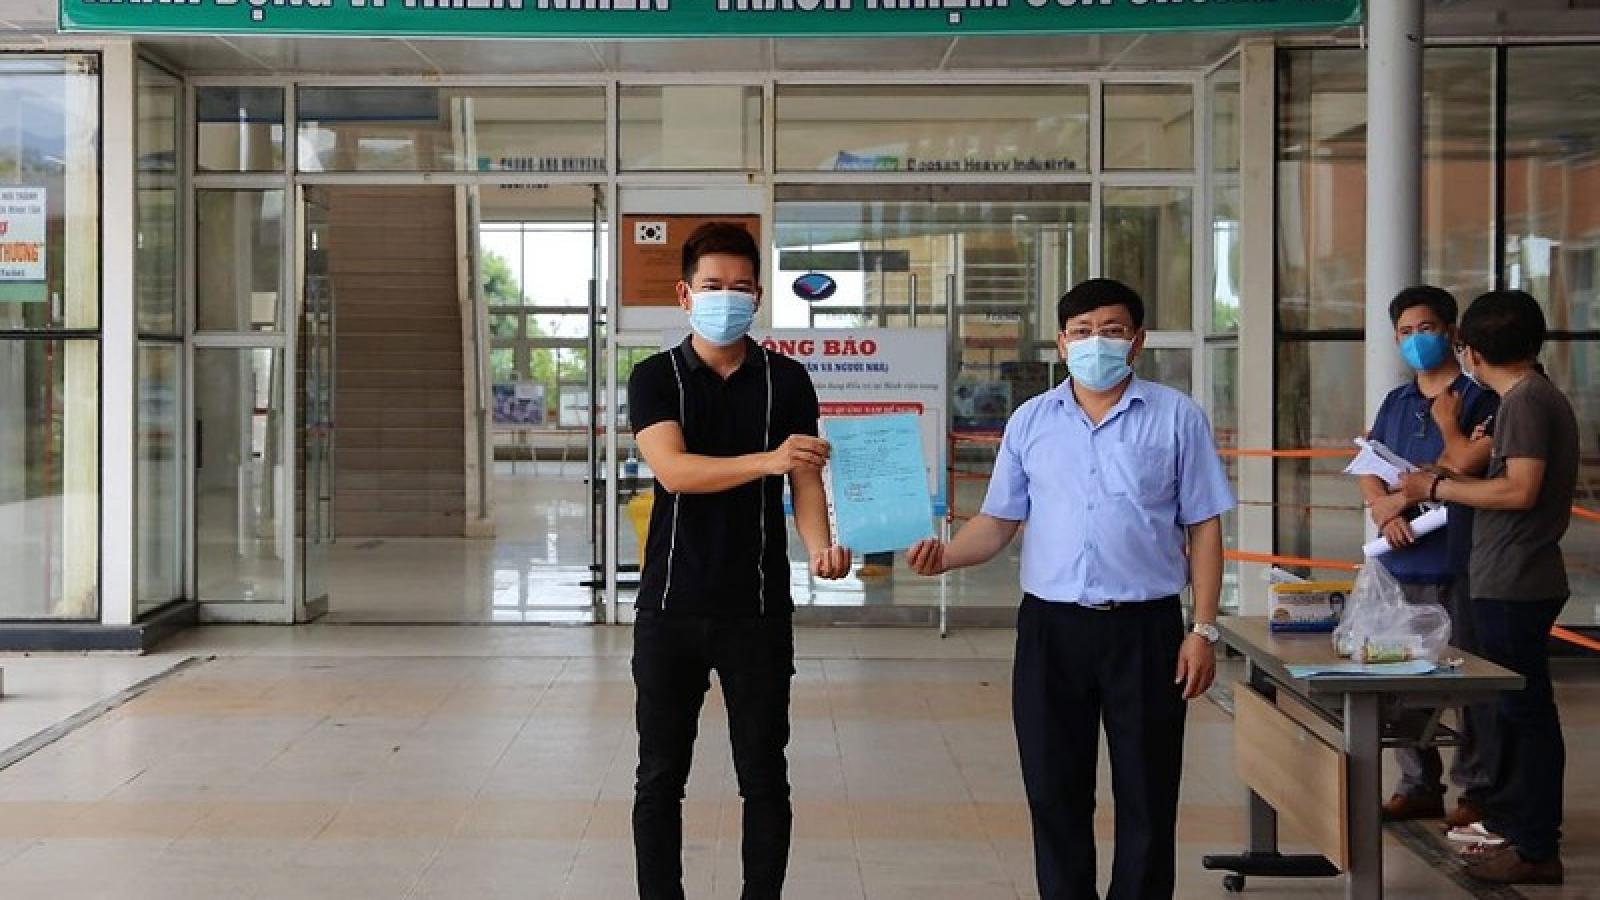 Cha nguy kịch nhưng bác sĩ Bệnh viện Chợ Rẫy vẫn ở lại Quảng Nam chống dịch